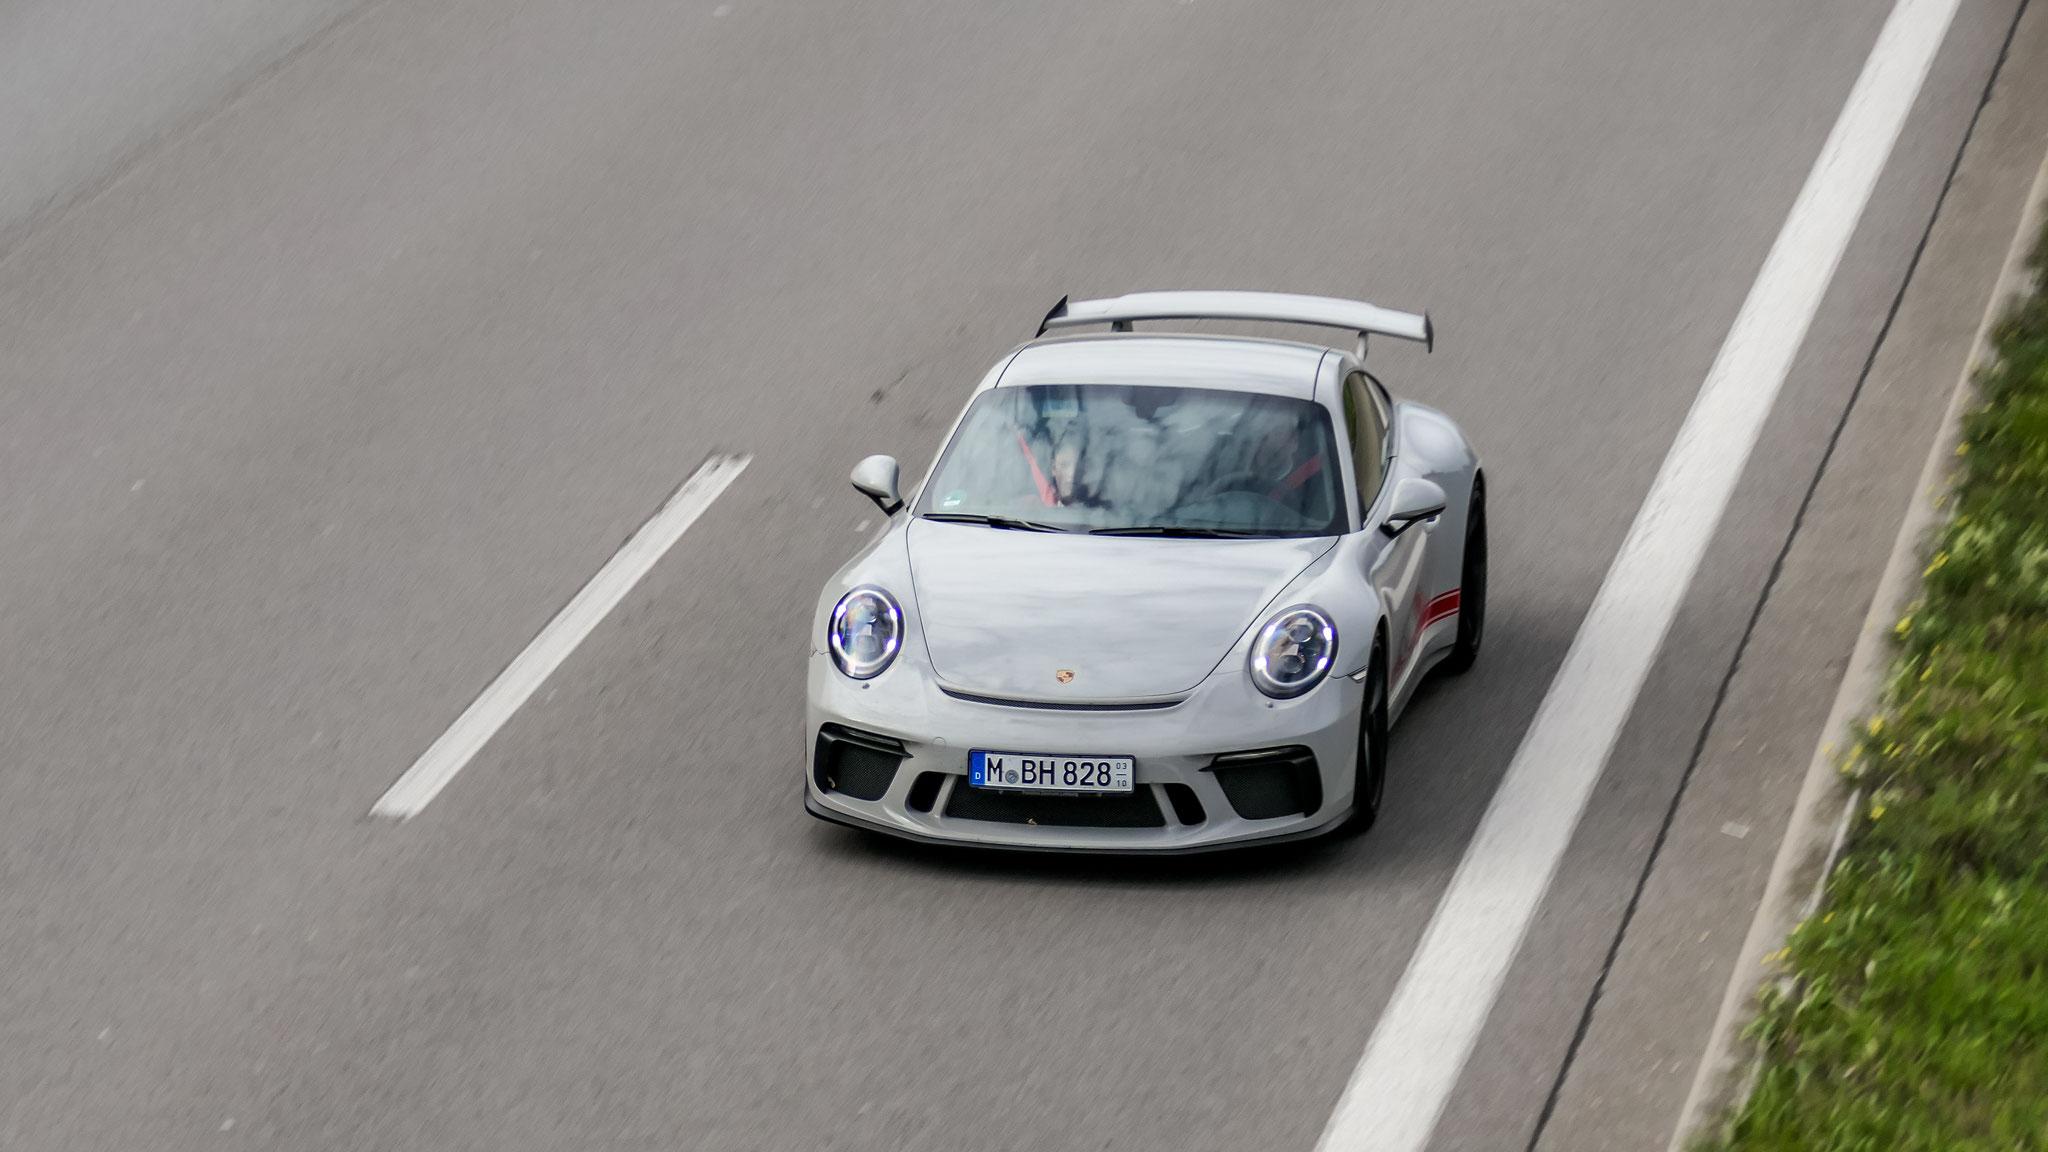 Porsche 991 GT3 - M-BH-828